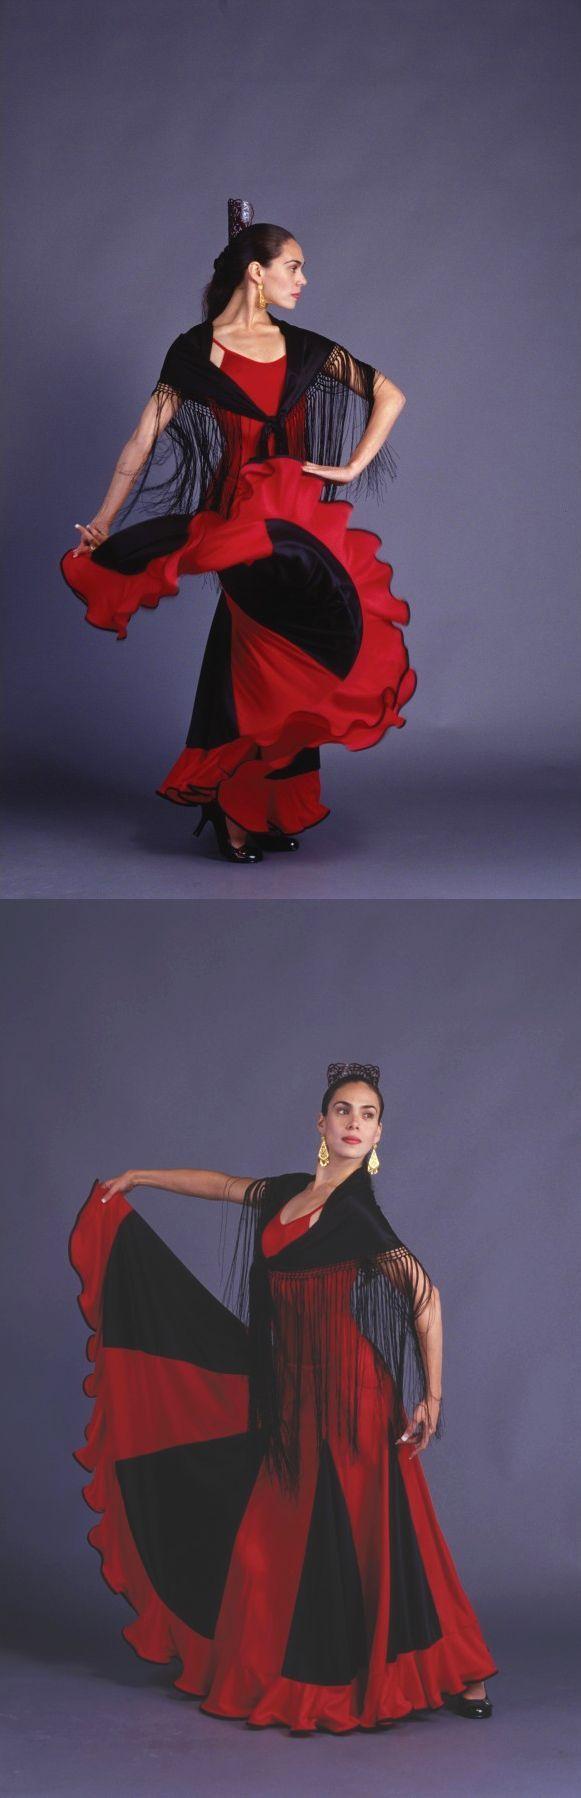 Vestido con Falda Caracol para flamenco #Venta #Ropa #Flamenco #Falda #Baile #Danza